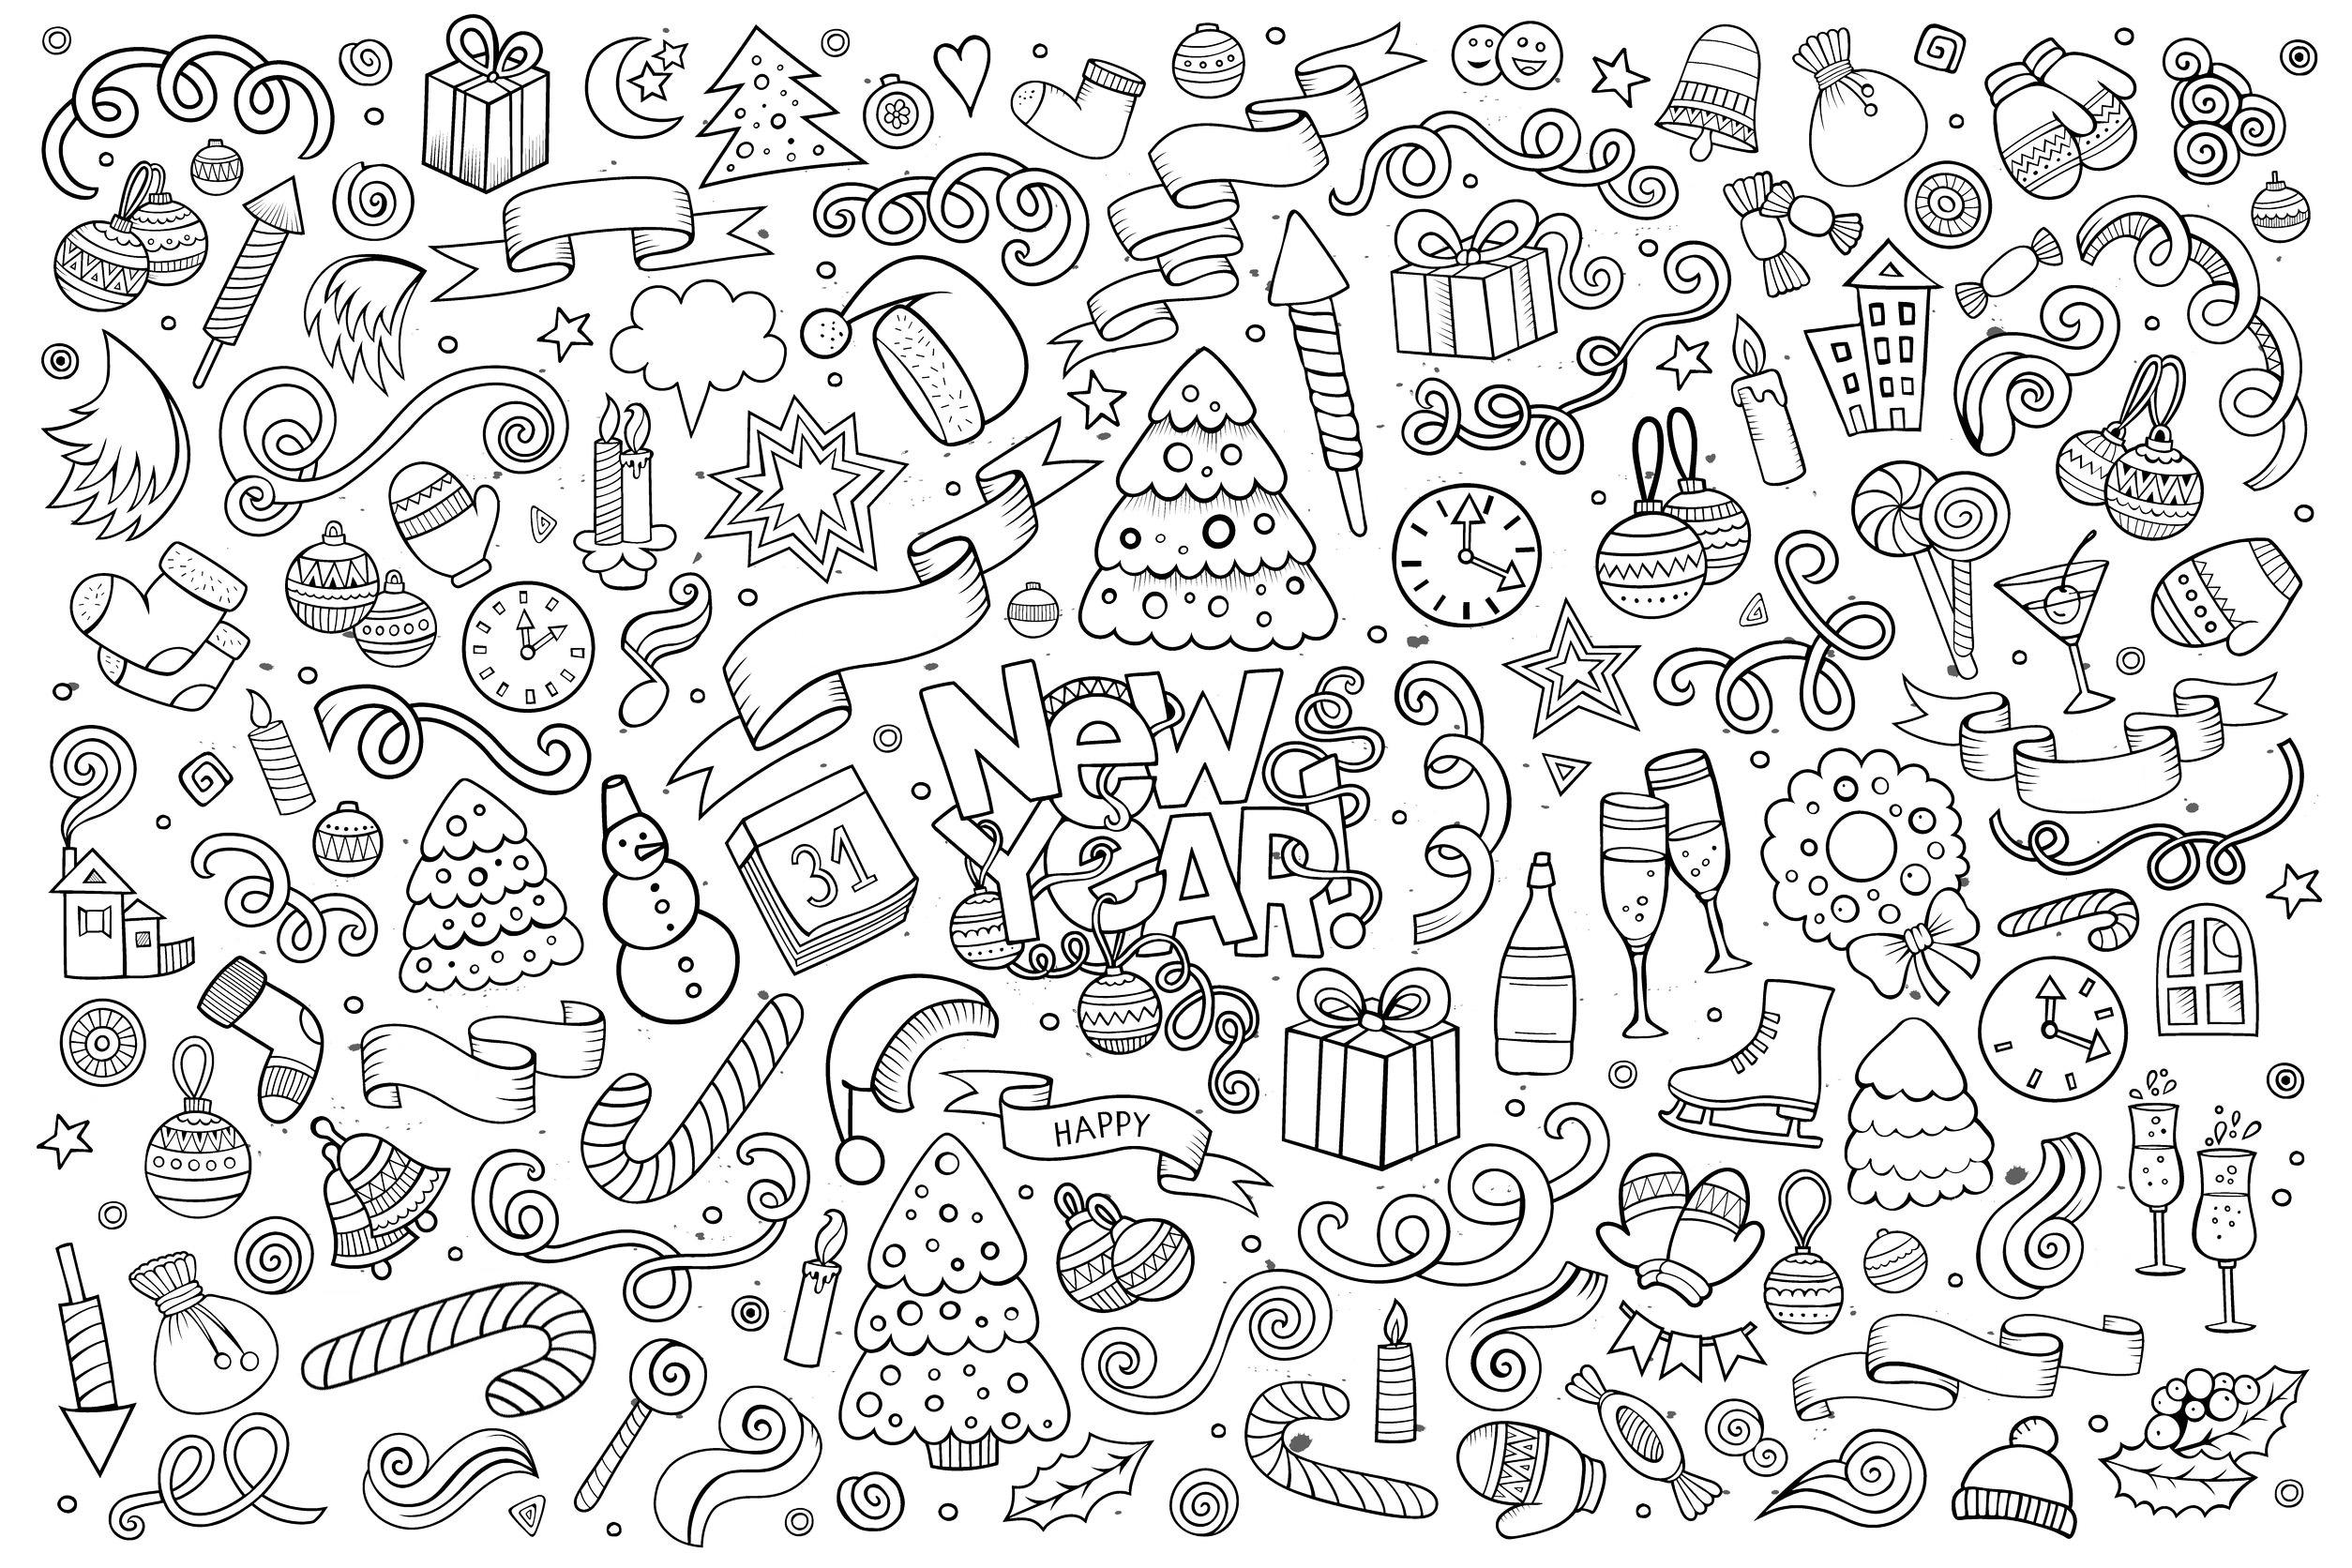 Doodle bonne annee doodles coloriages difficiles pour - Coloriage art ...